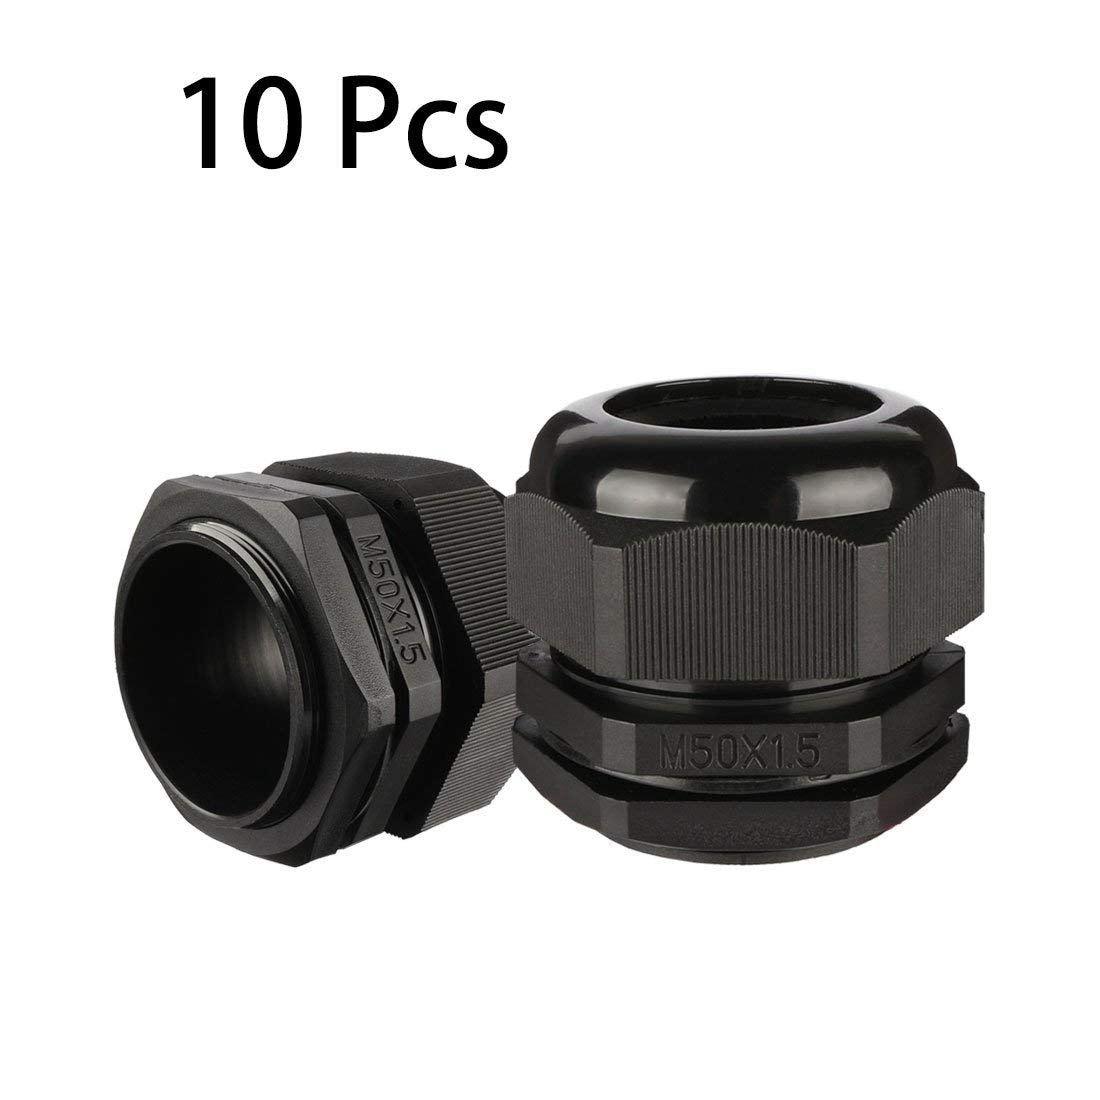 10 шт. M50 водонепроницаемый IP68 нейлоновый кабельный сальник регулируемый фиксатор для 32 мм-38 мм диаметр Кабельный провод Прямая поставка